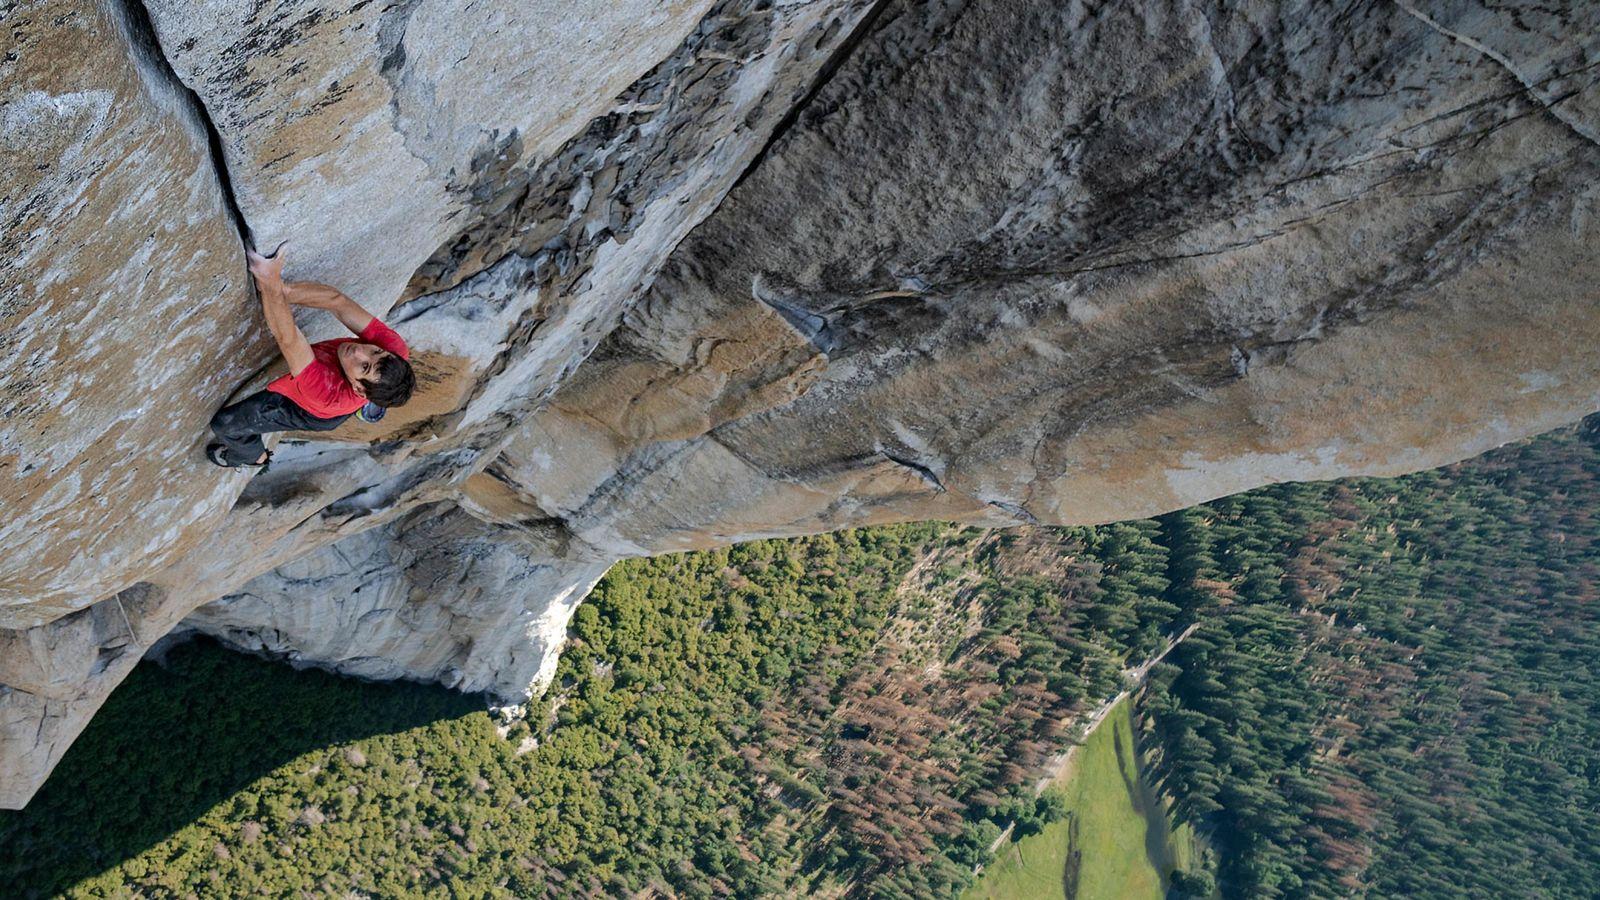 Com o Vale Yosemite, na Califórnia, bem abaixo dele, Alex Honnold avança na escalada solo – ...